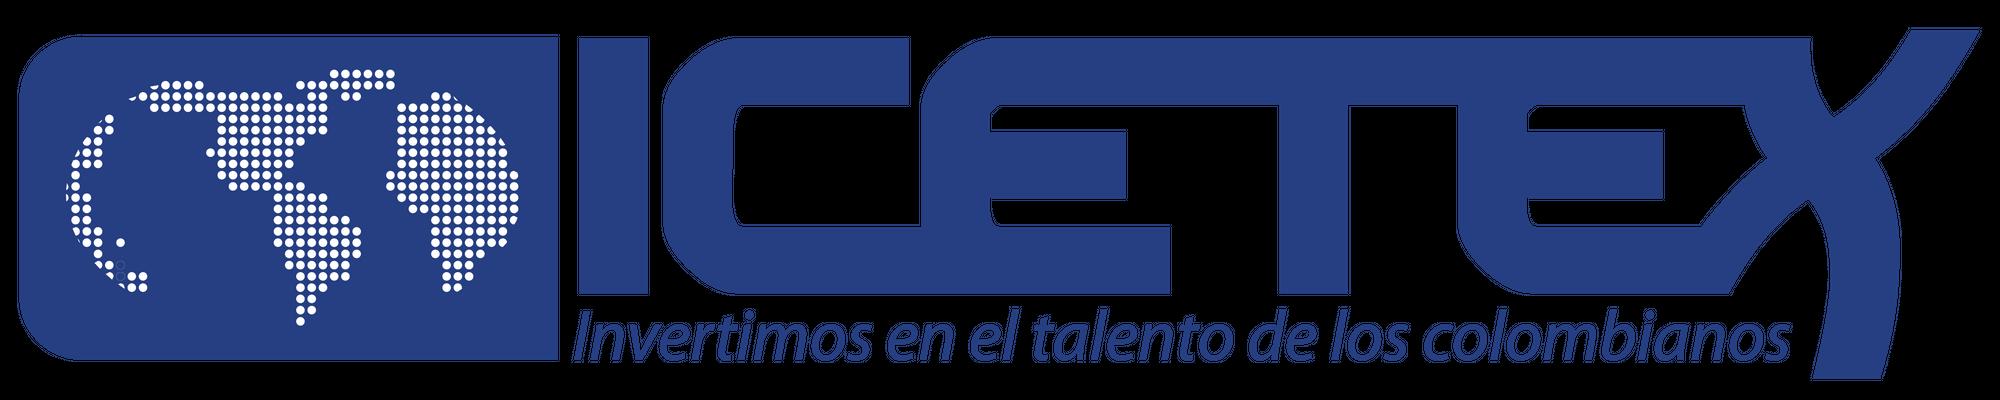 Instituto Colombiano de Crédito Educativo y Estudios Técnicos en el Exterior